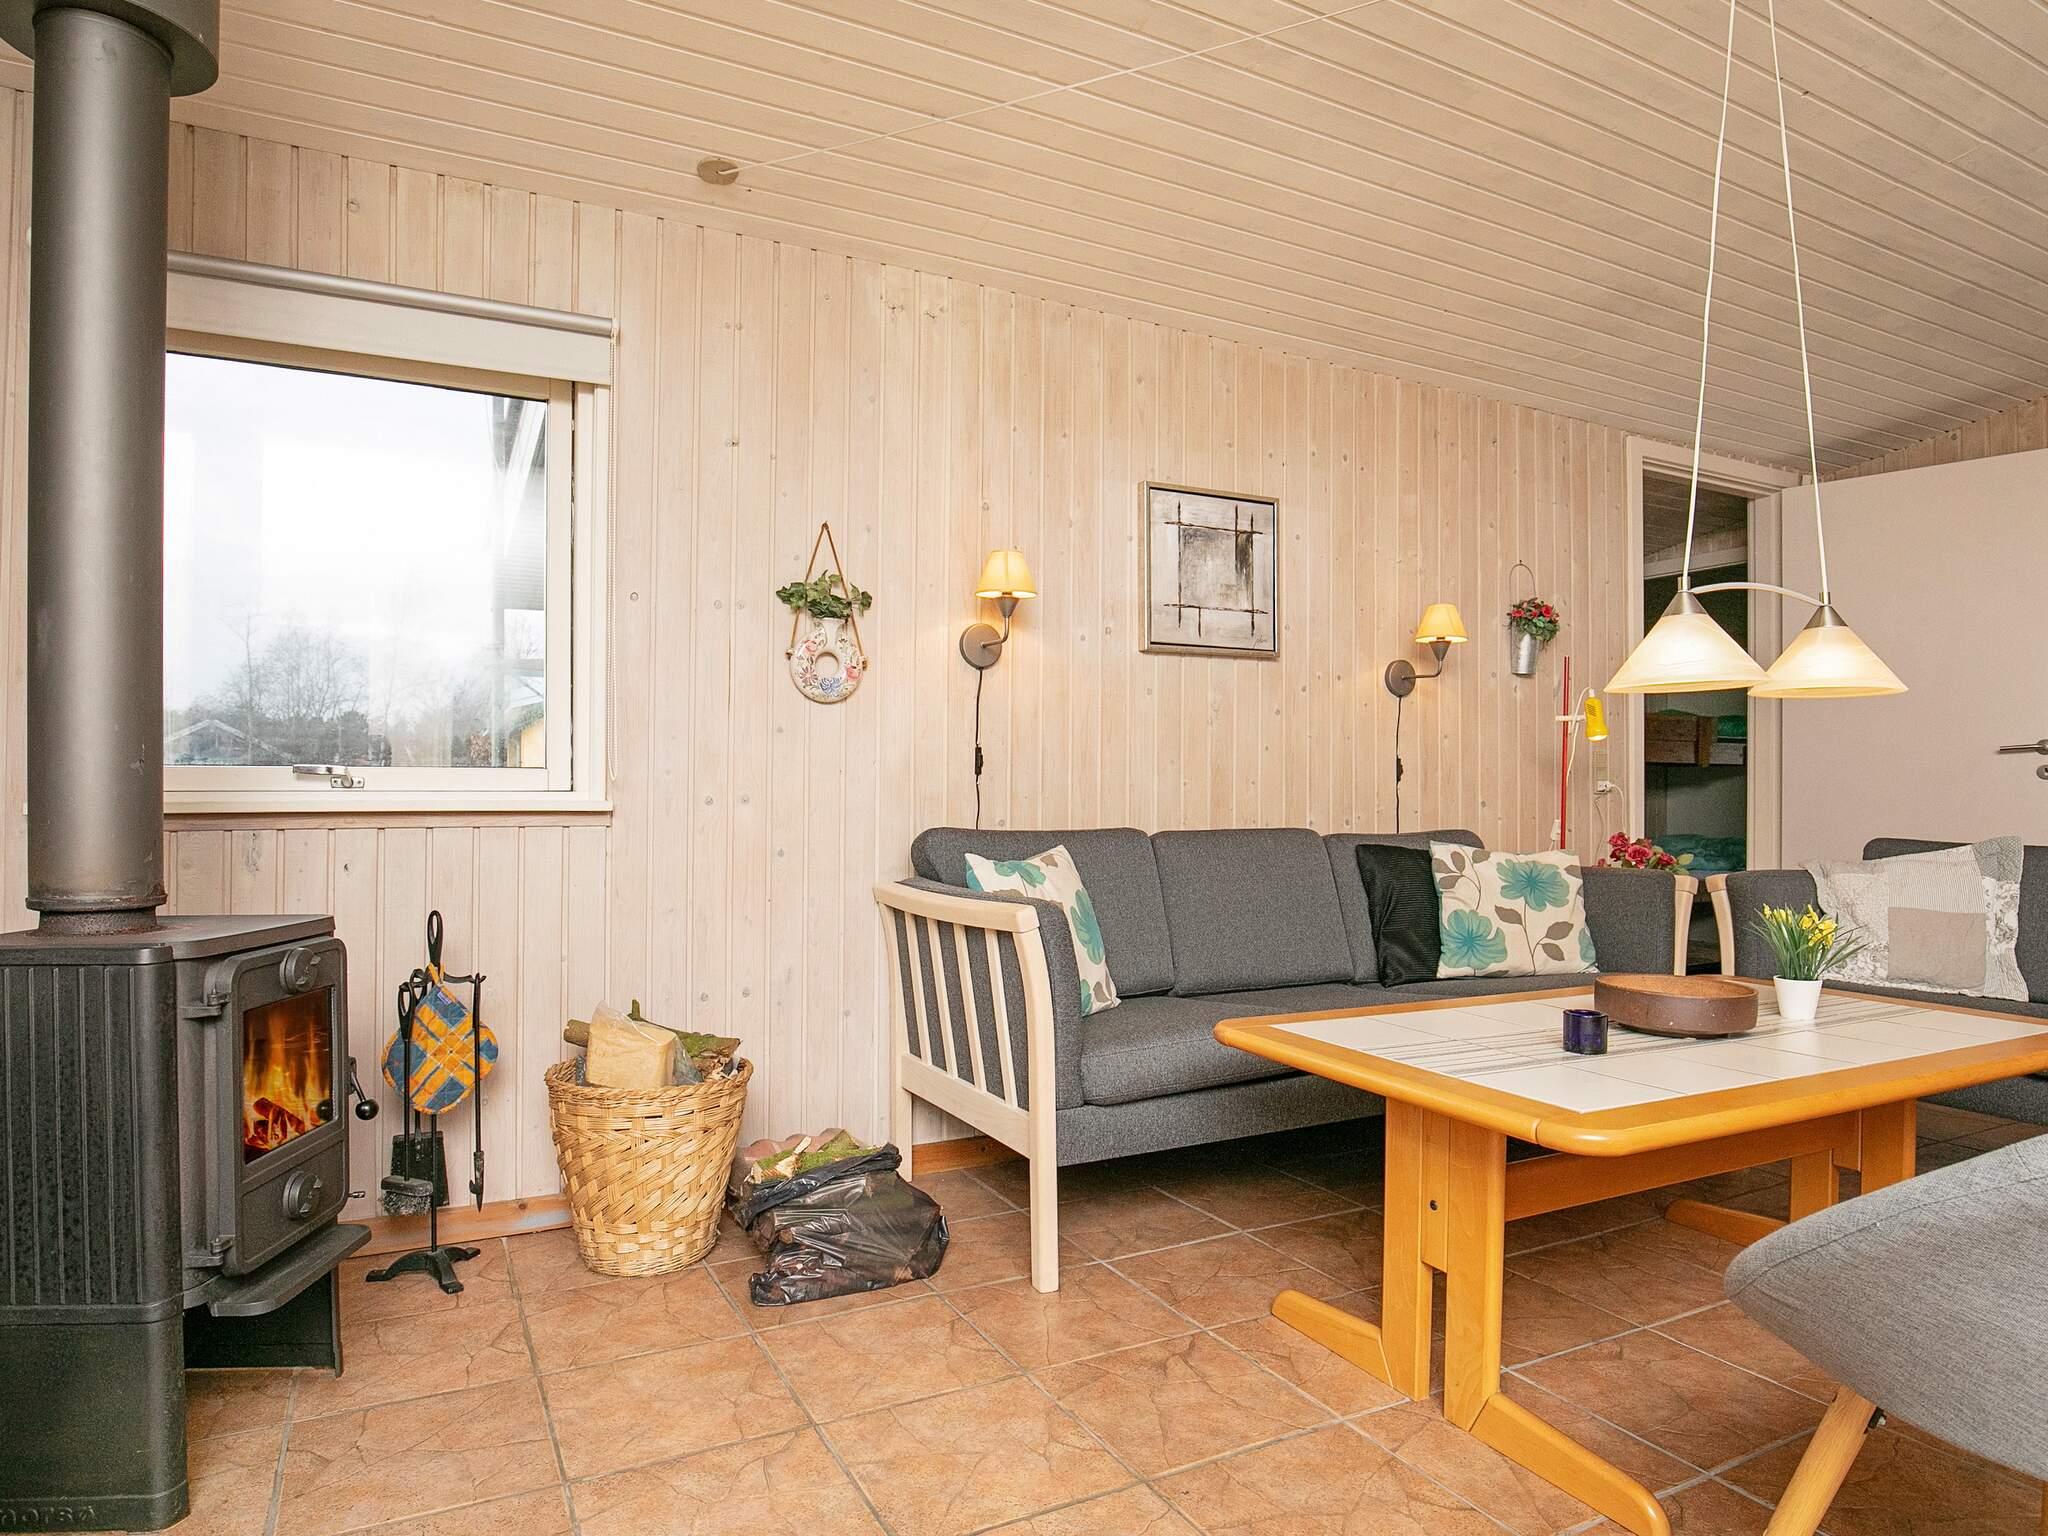 Ferienhaus Hummingen (81995), Hummingen, , Lolland, Dänemark, Bild 6